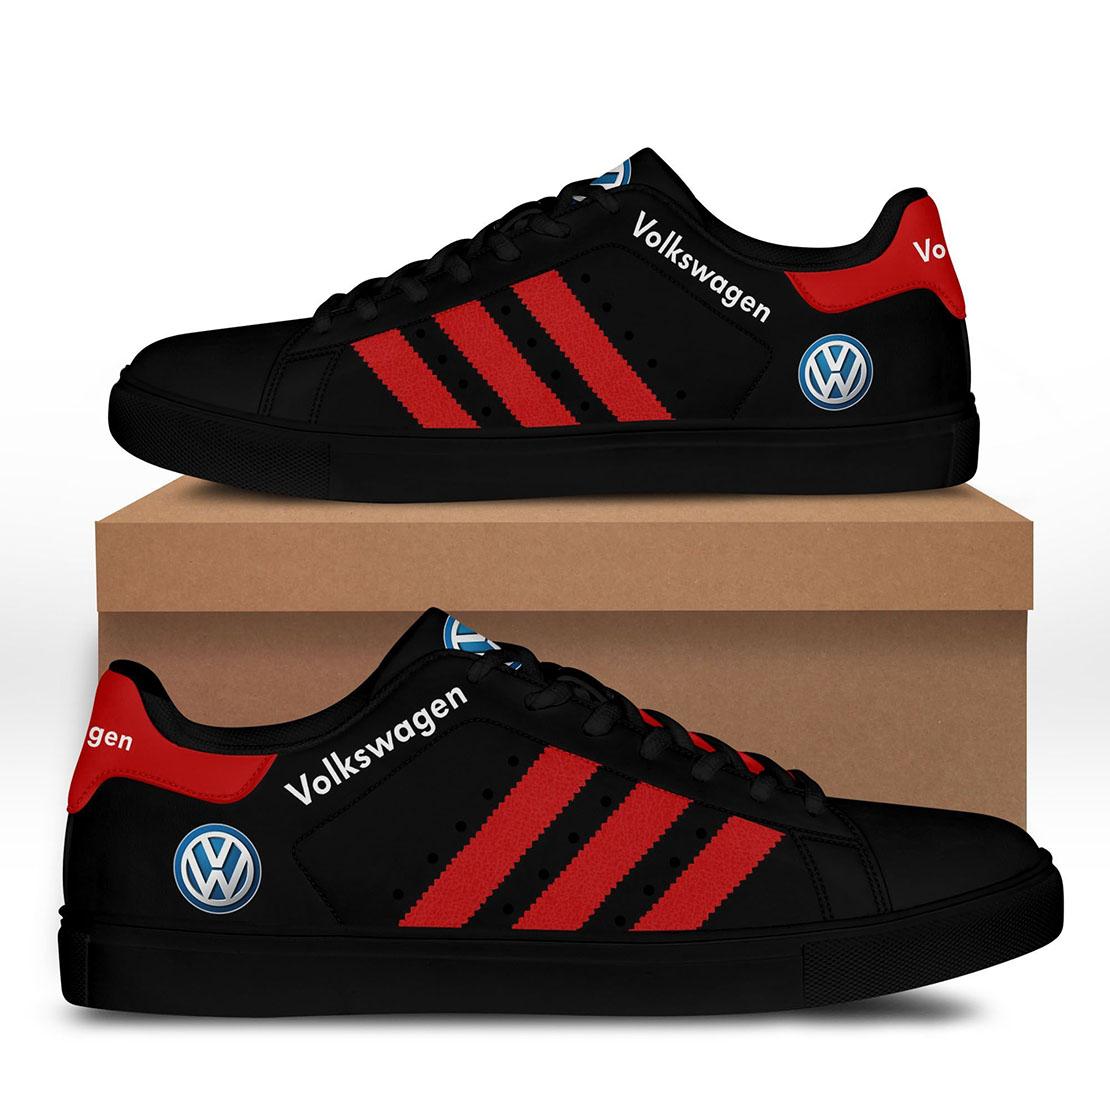 Volkswagen-stan-smith-low-top-shoes2 -2